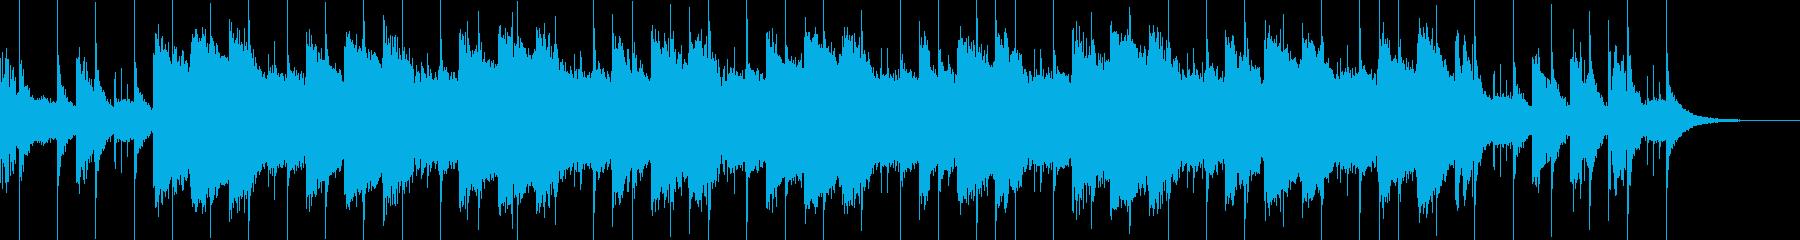 シンプルなチルアウトジングルですの再生済みの波形